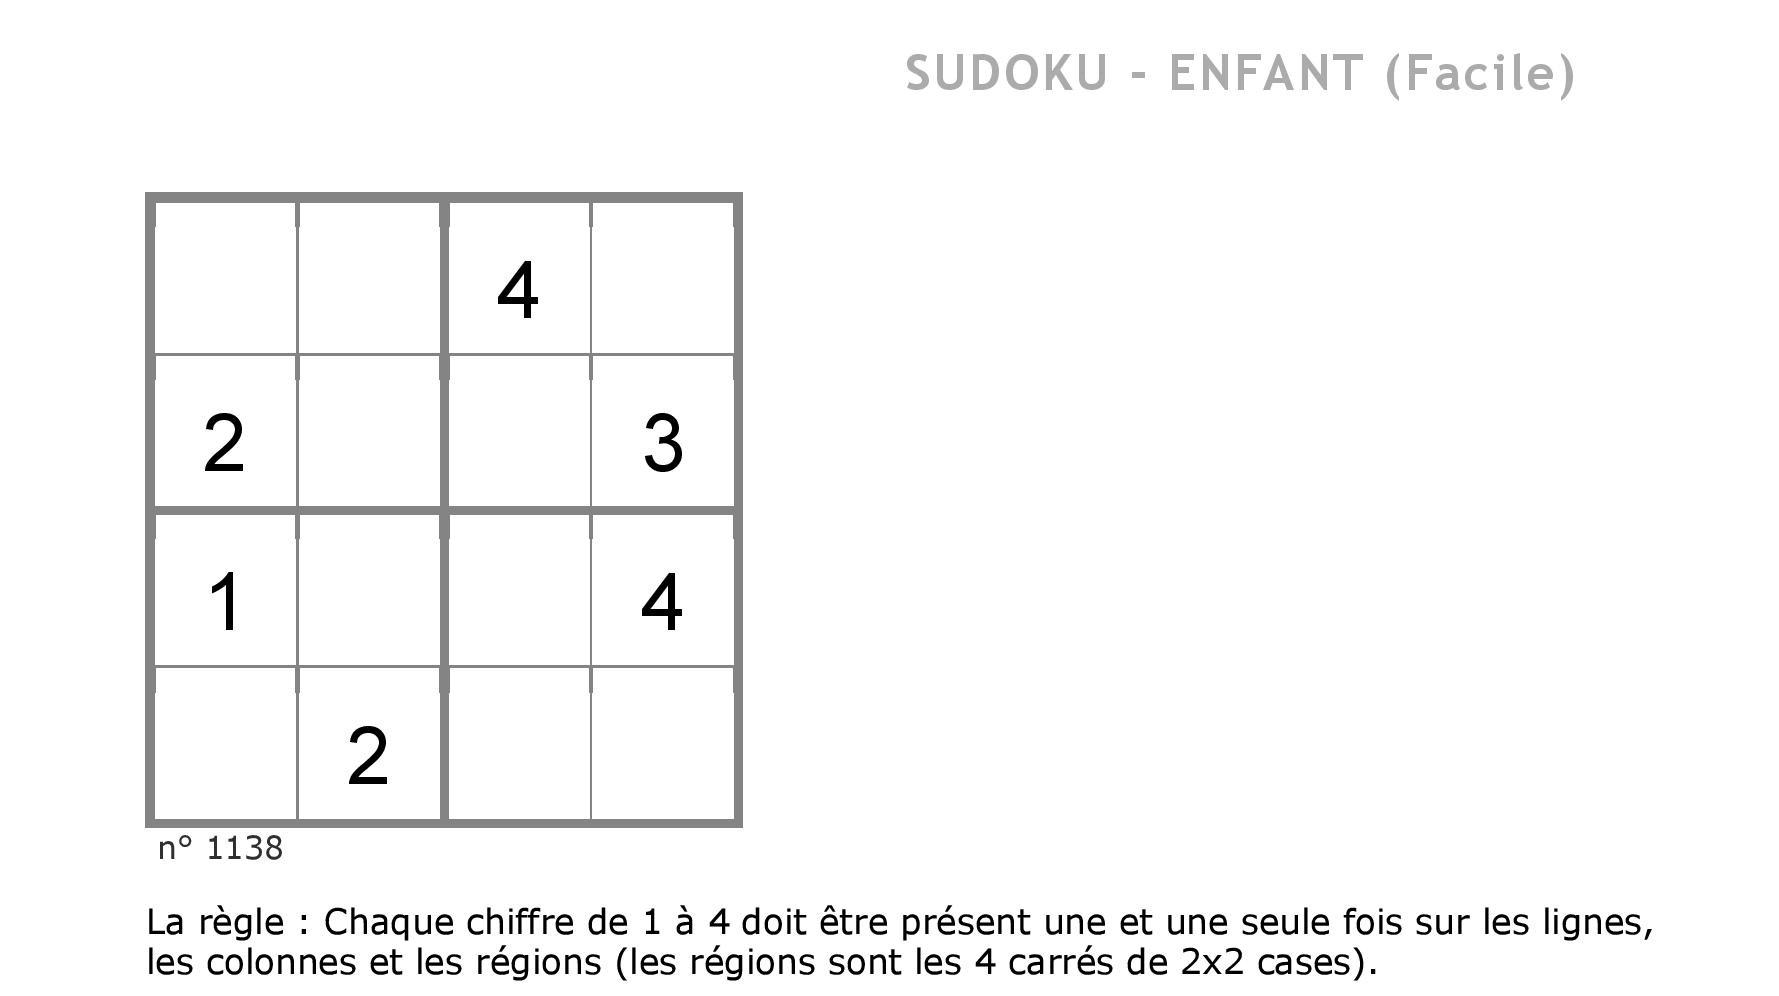 Contes Pour Enfants Sudoku 2 À Lire - Fr.hellokids serapportantà Sudoku Pour Enfant